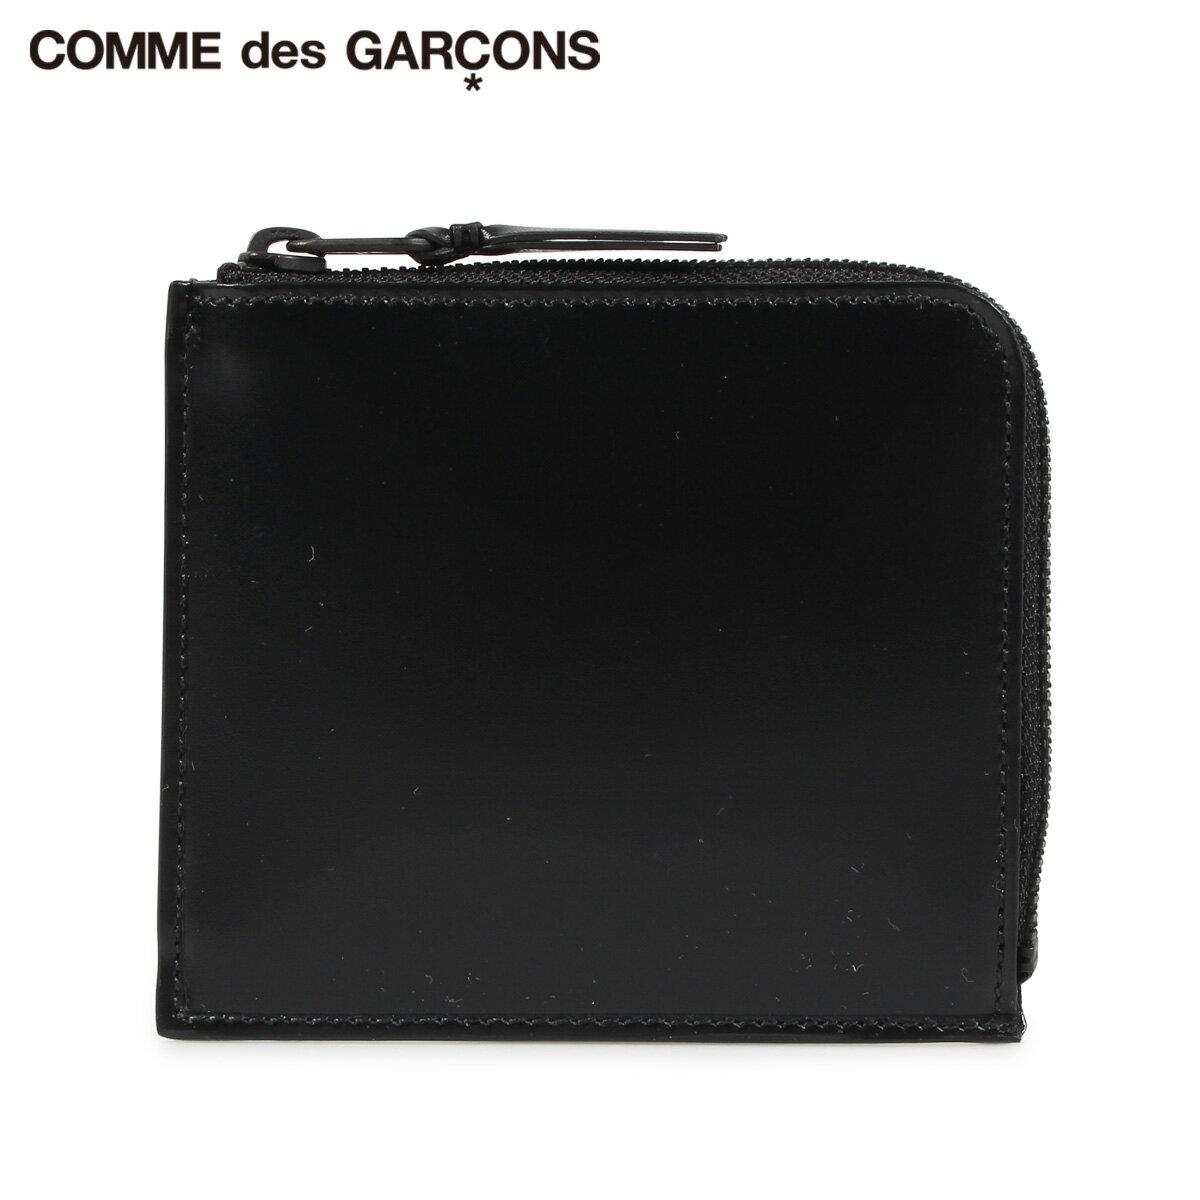 財布・ケース, メンズ財布 COMME des GARCONS L VERY BLACK WALLET SA3100VB